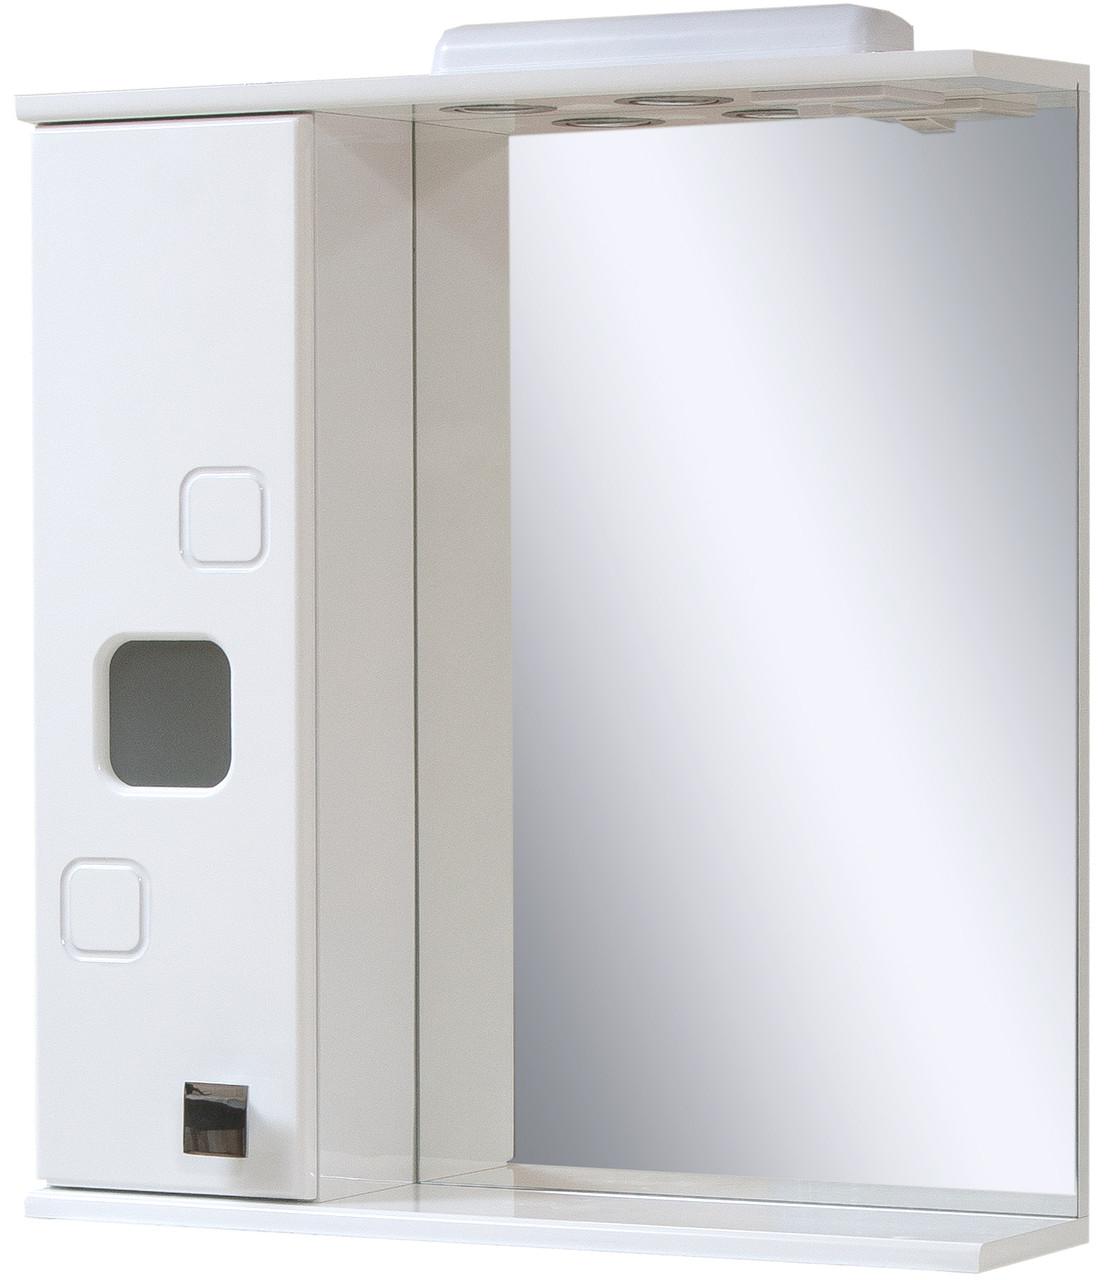 Зеркало для ванной комнаты Квадро 65-16  Левое ПИК